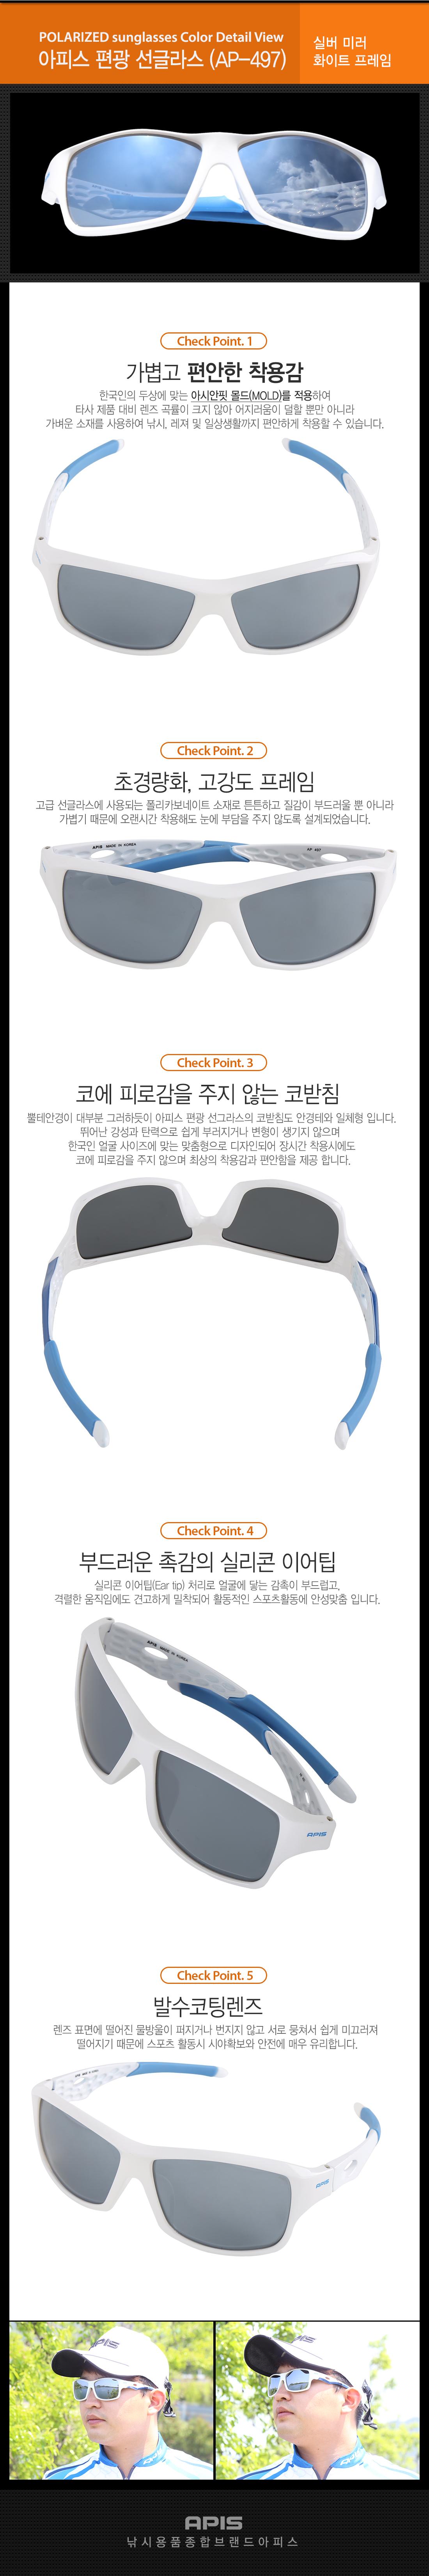 아피스 편광 선글라스 AP-497 화이트프레임 MADE IN KOREA 편광안경 편광썬글라스 아피스편광선글라스